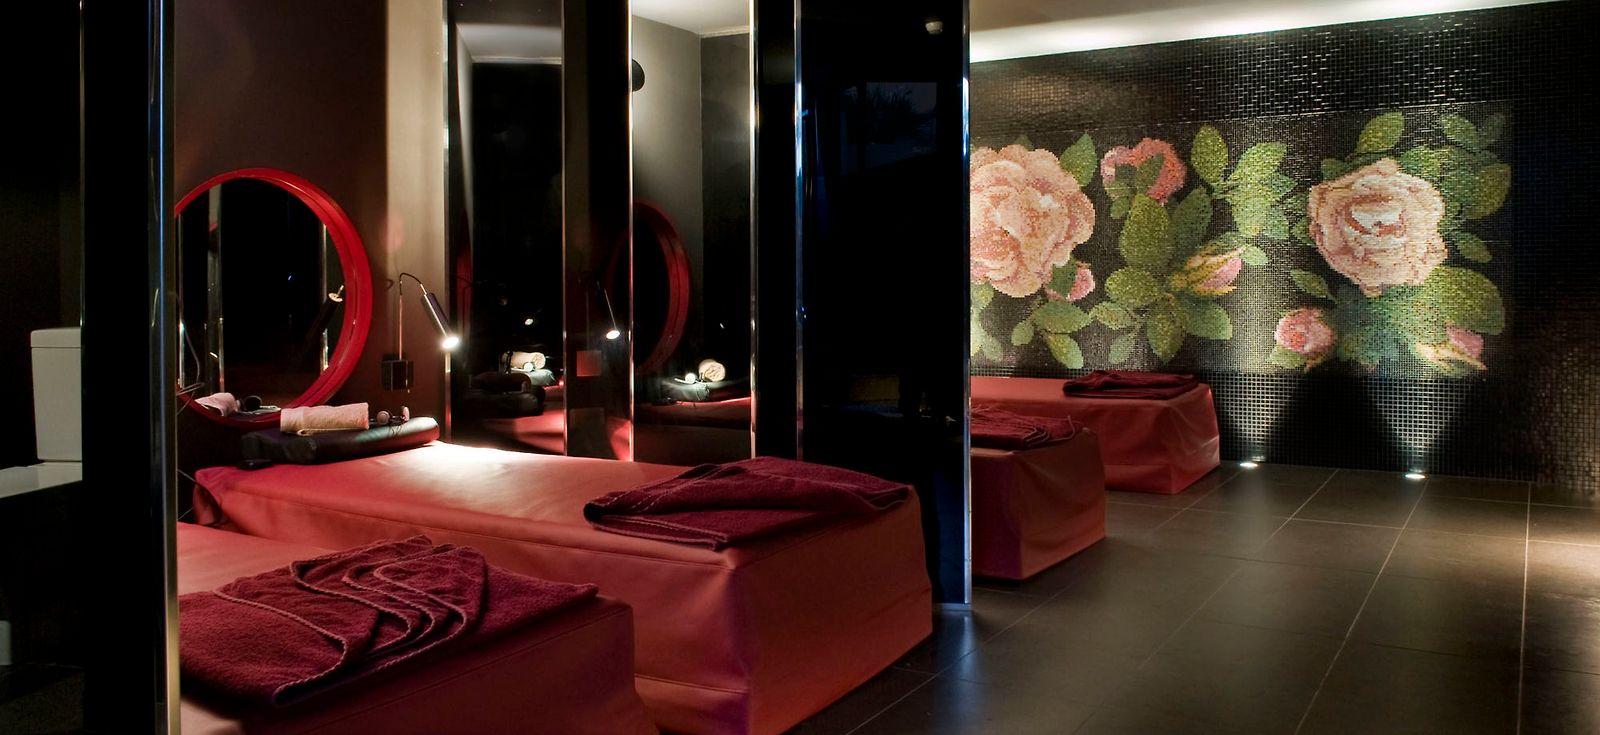 HOTEL PORT SALINS, EMPURIABRAVA ****